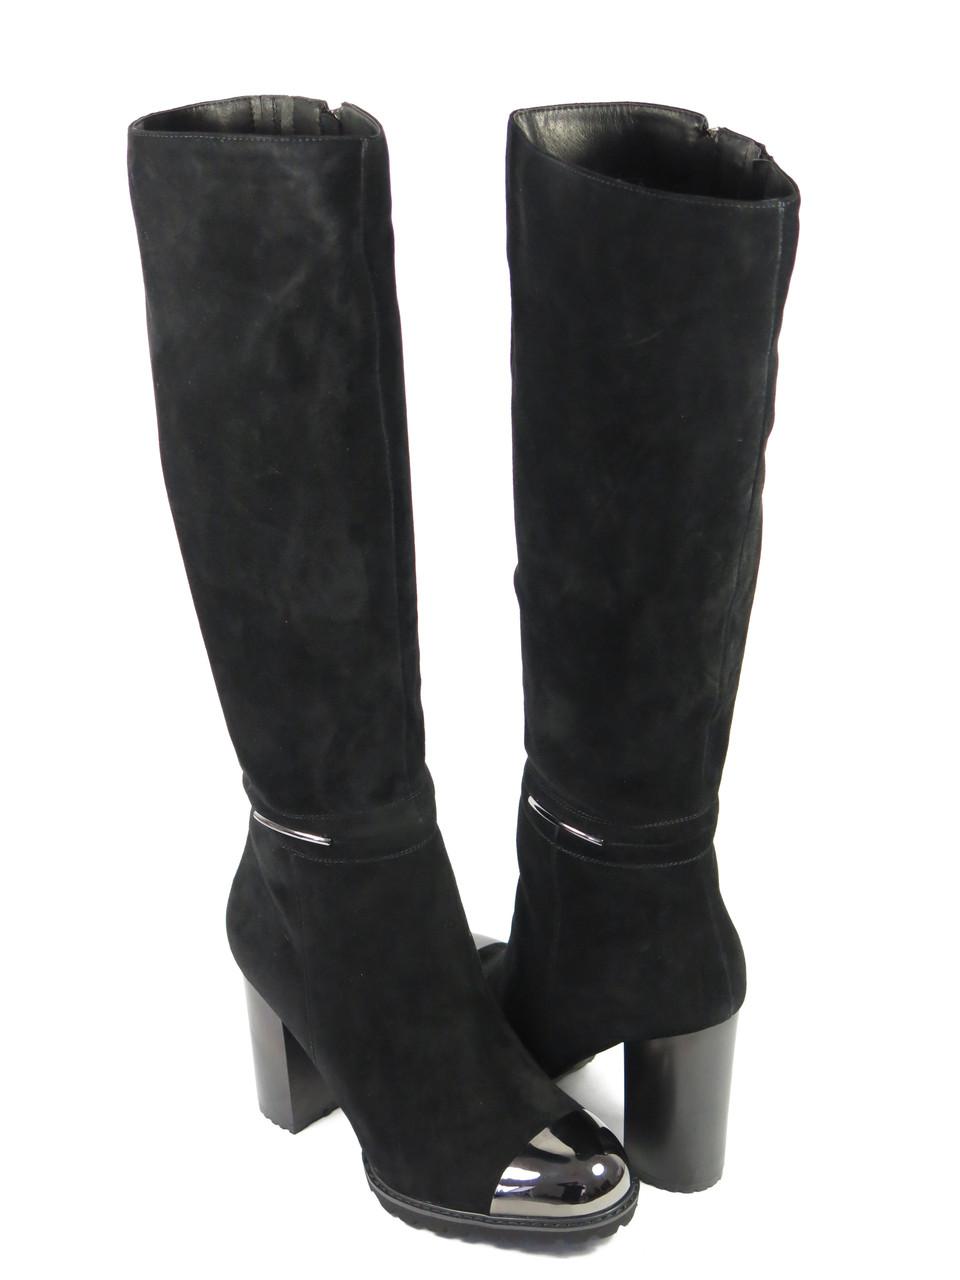 Замшевые женские сапоги на каблуке черные